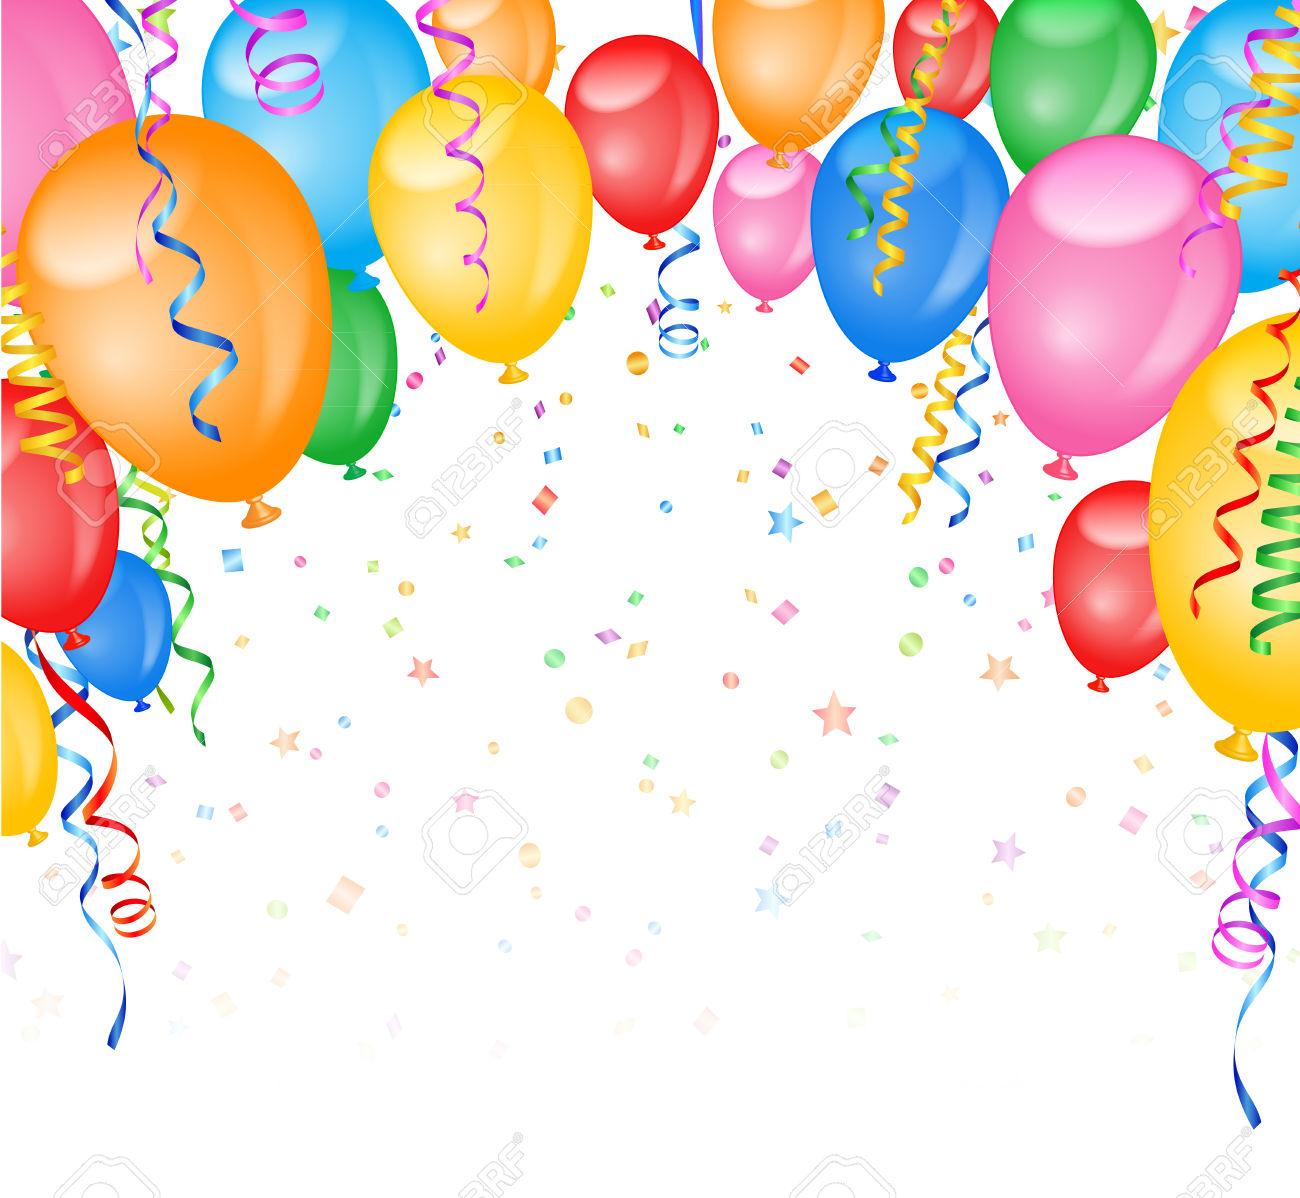 Luftballons und luftschlangen clipart banner library download Konfetti und luftschlangen clipart - ClipartFox banner library download